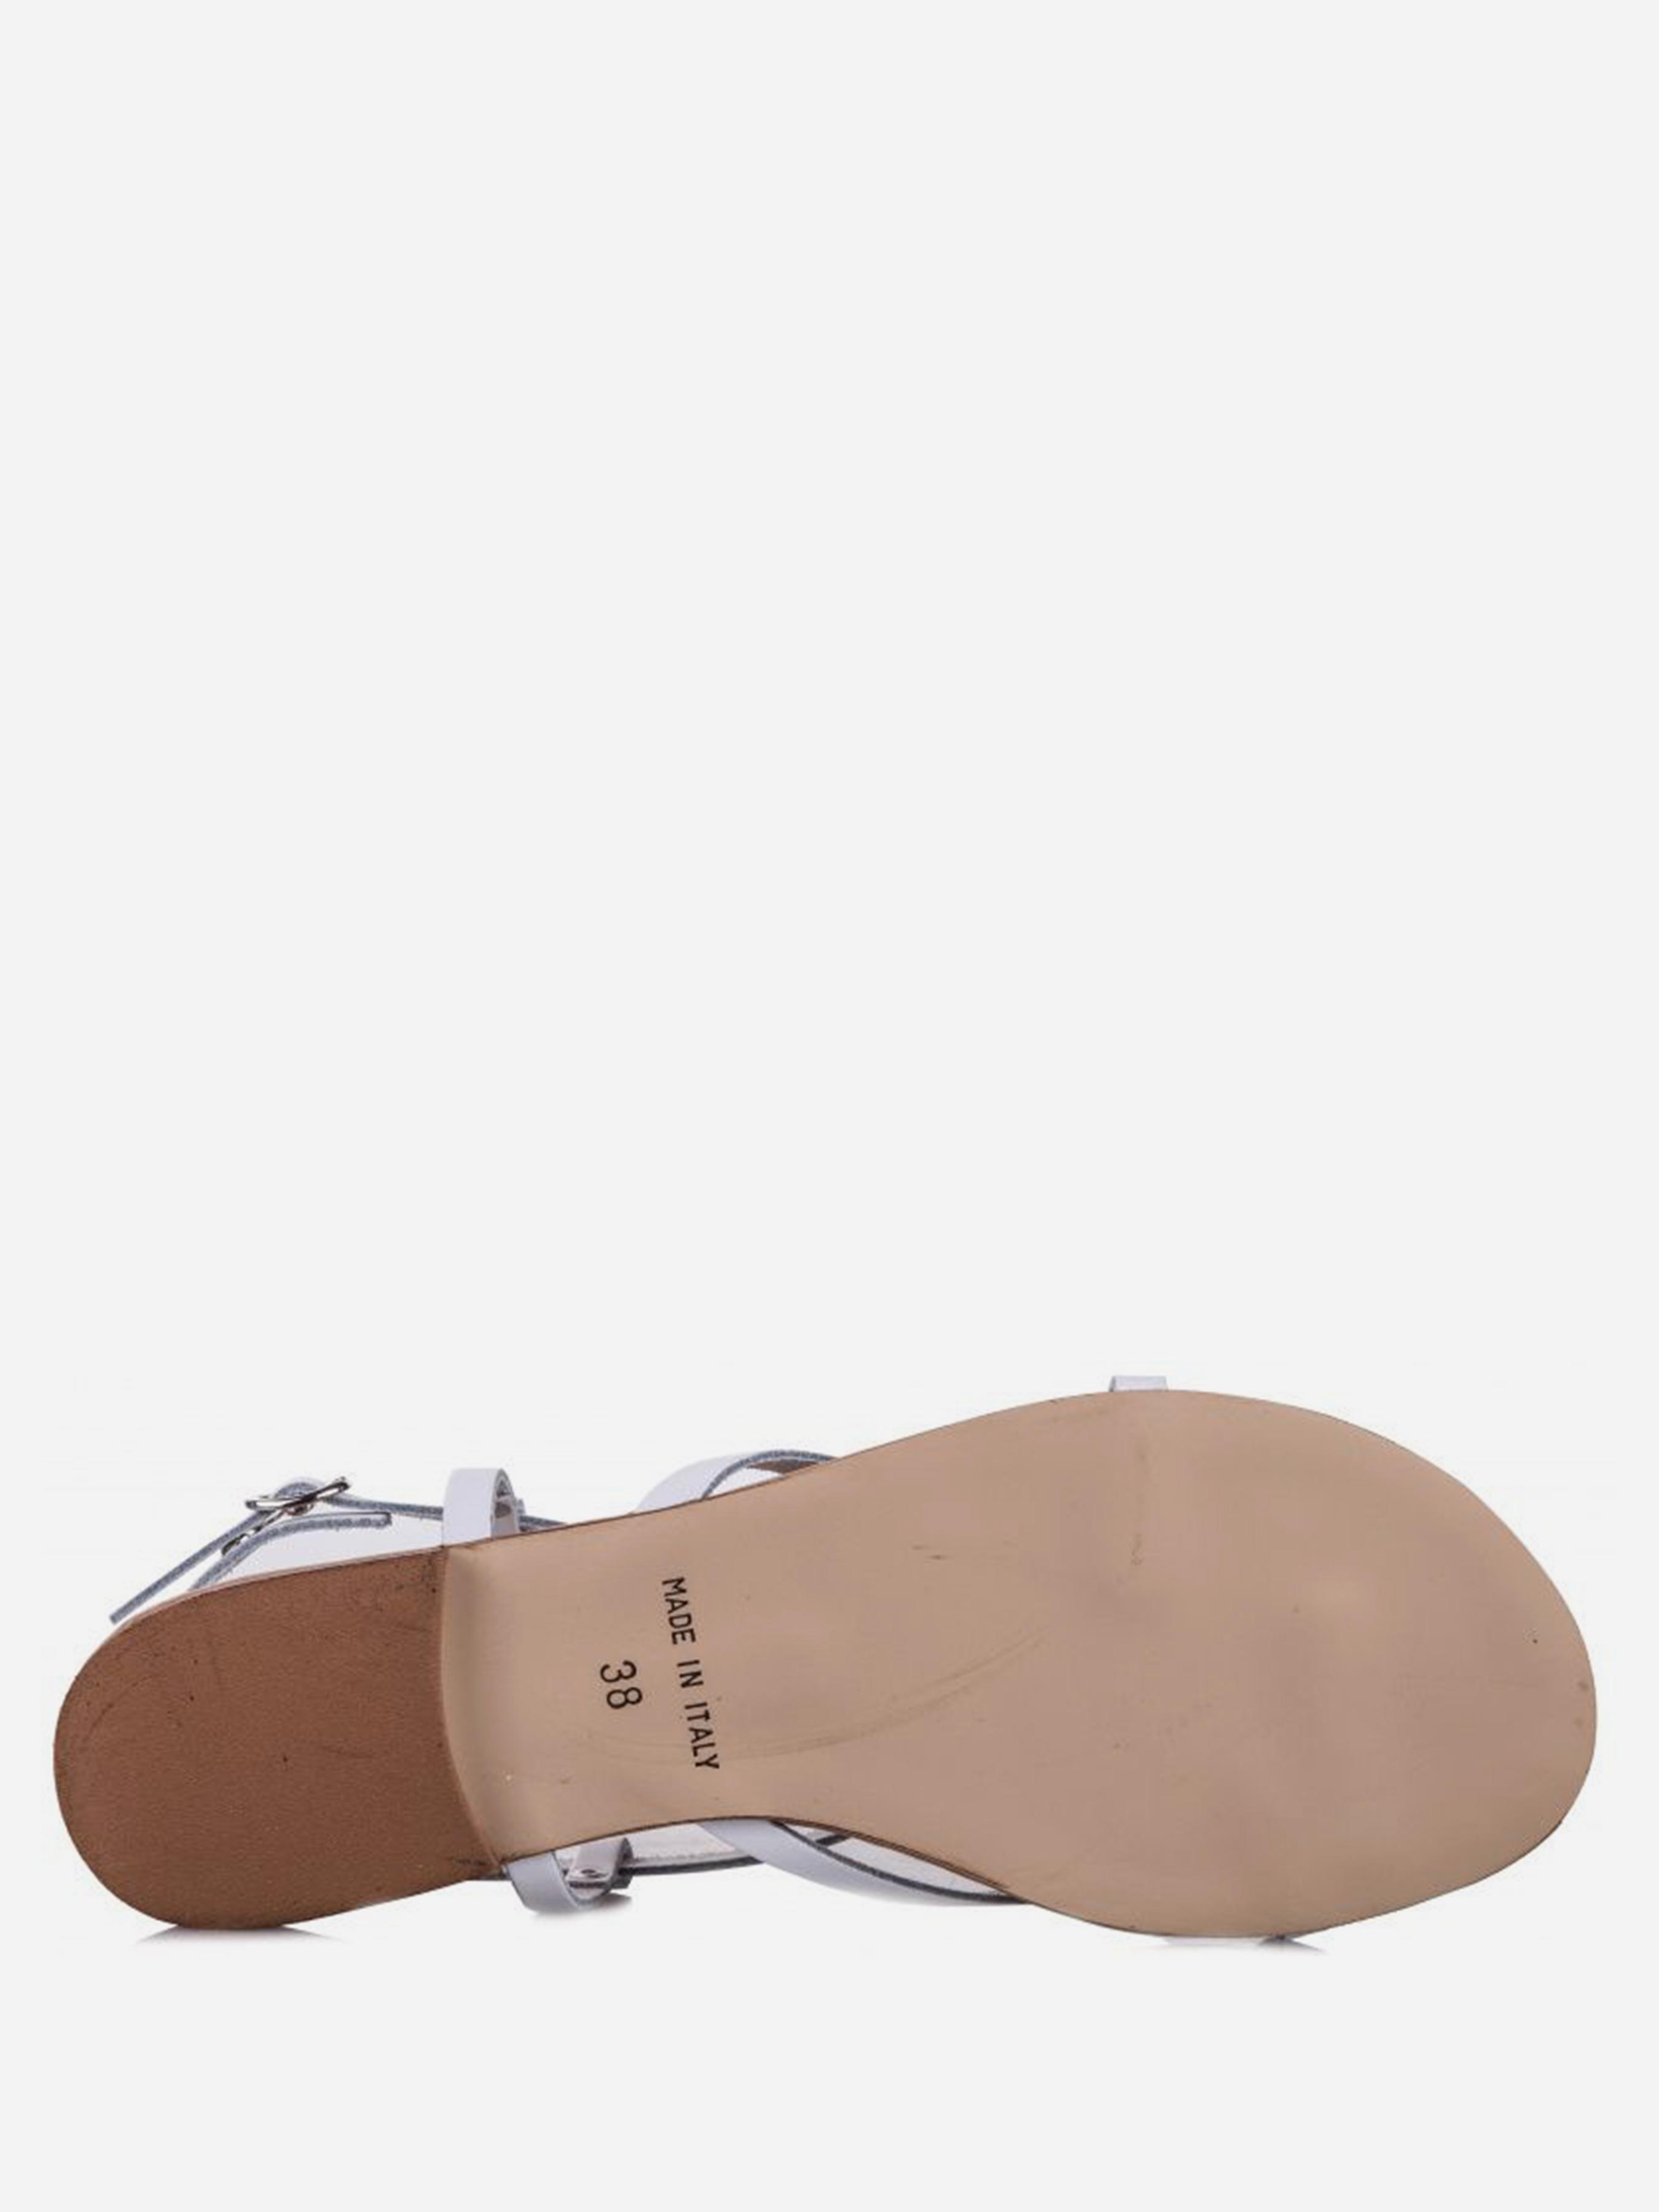 Сандалии для женщин Casta & Dolly 1Z59 купить обувь, 2017